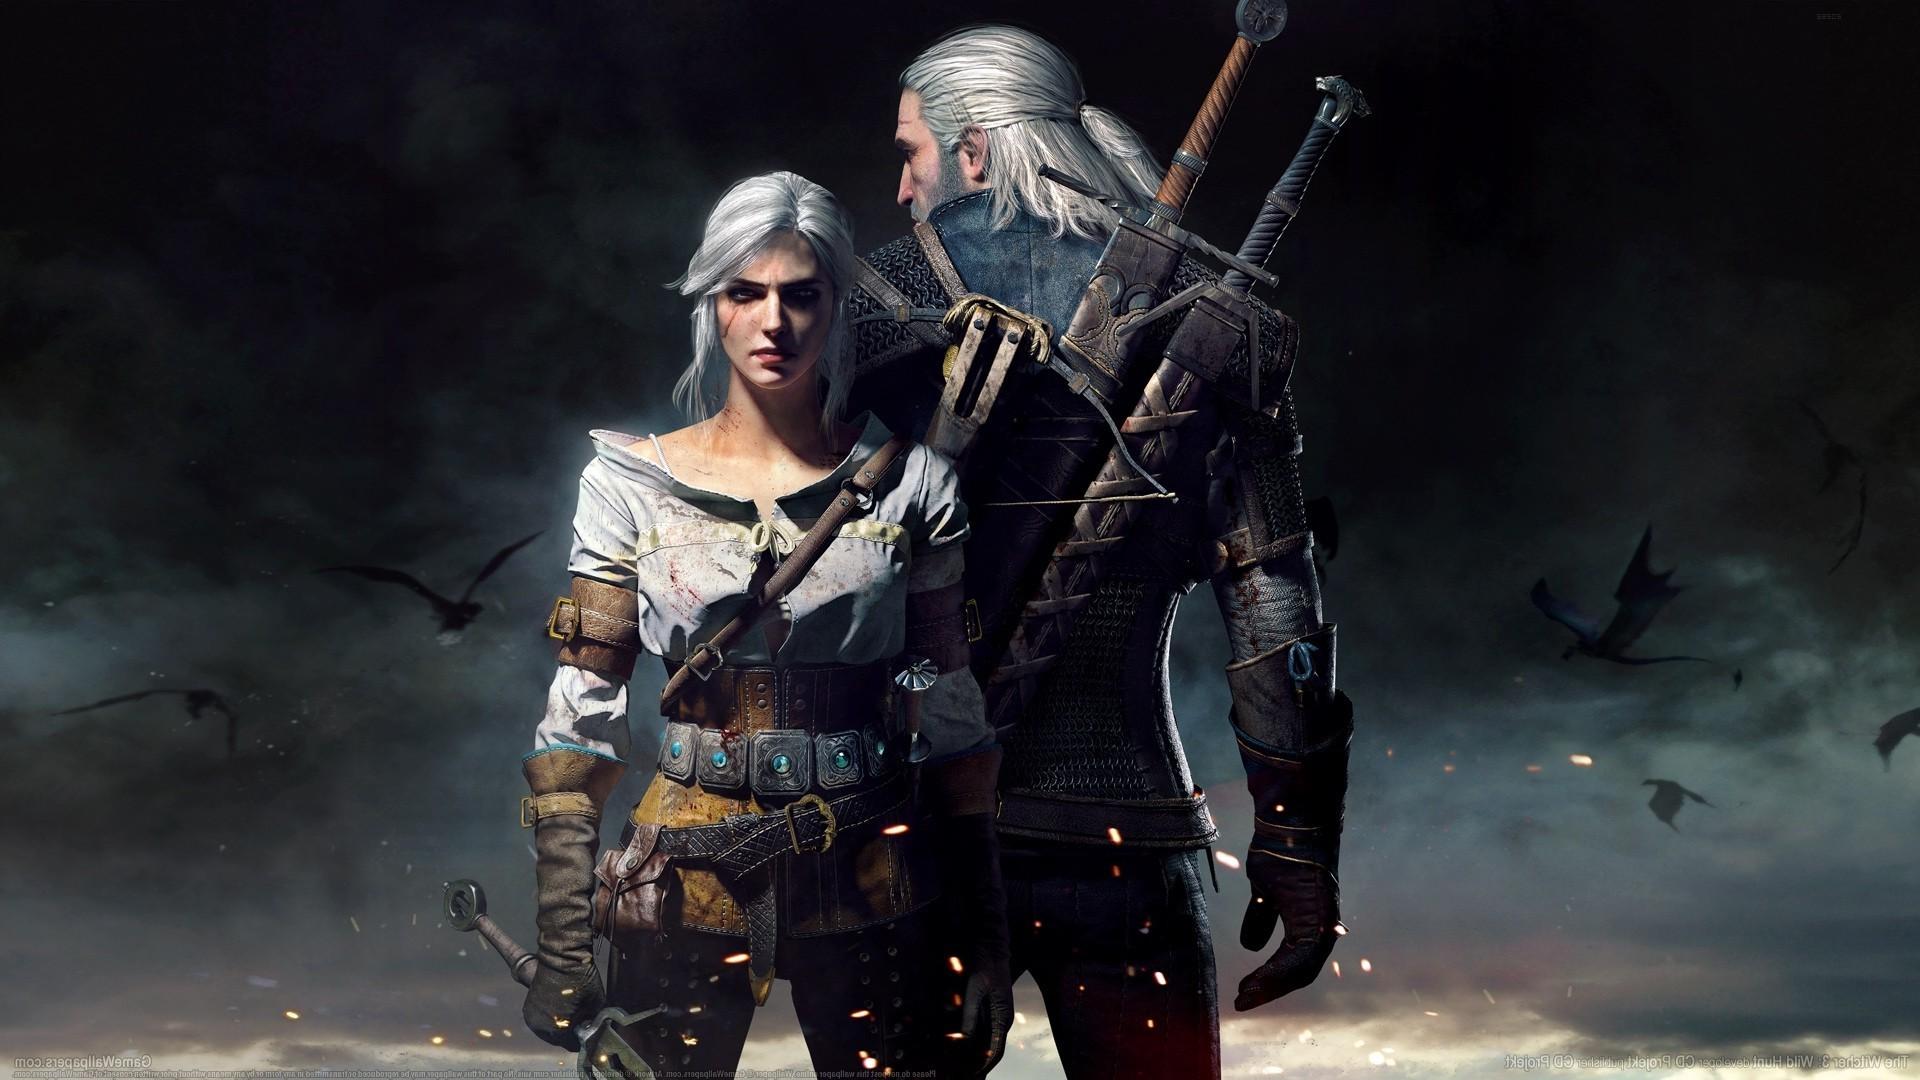 Fondos De Pantalla Soldado La Caza Salvaje De Witcher 3